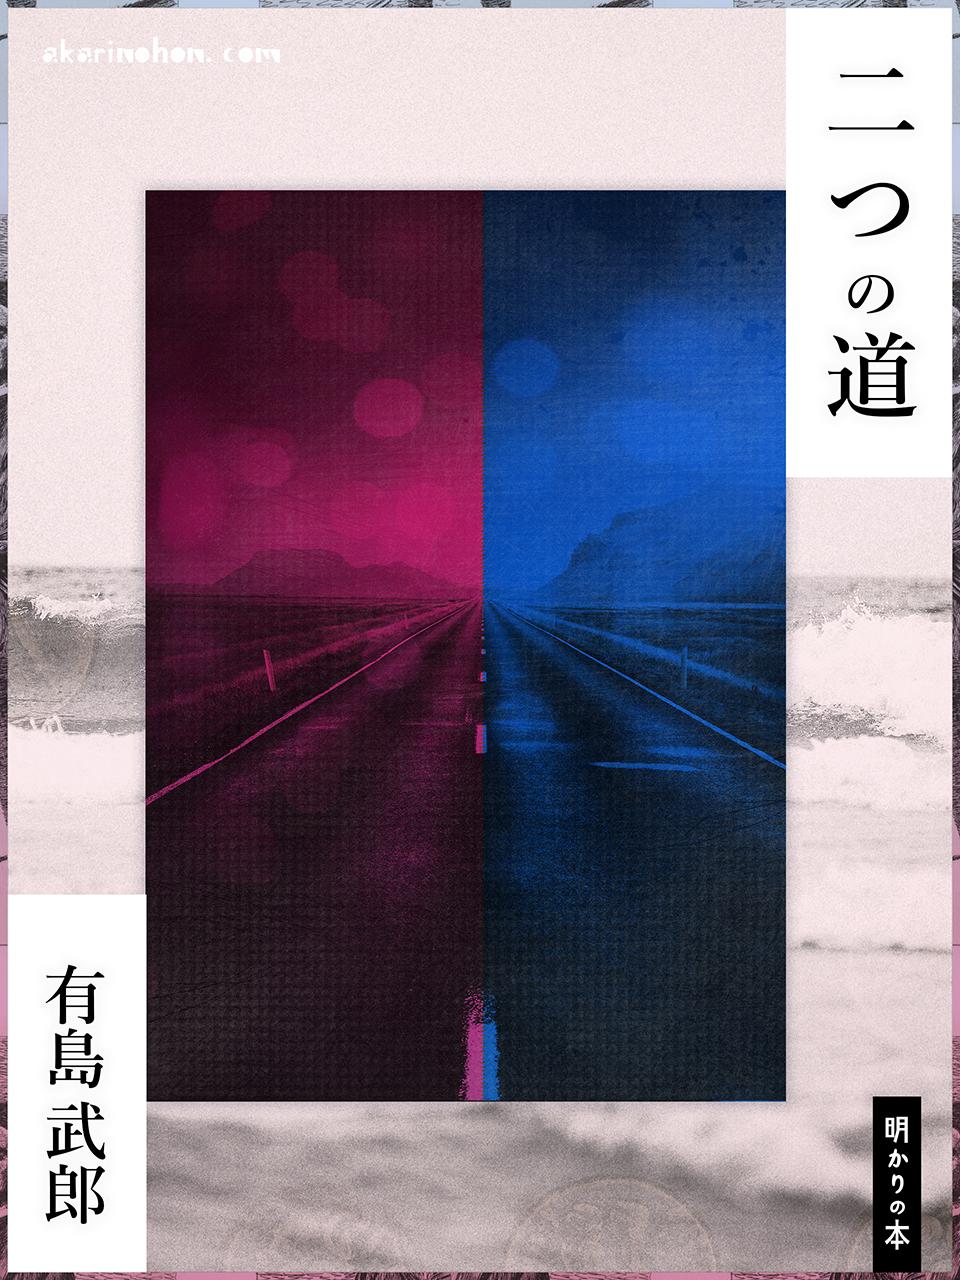 0000 - 二つの道 有島武郎